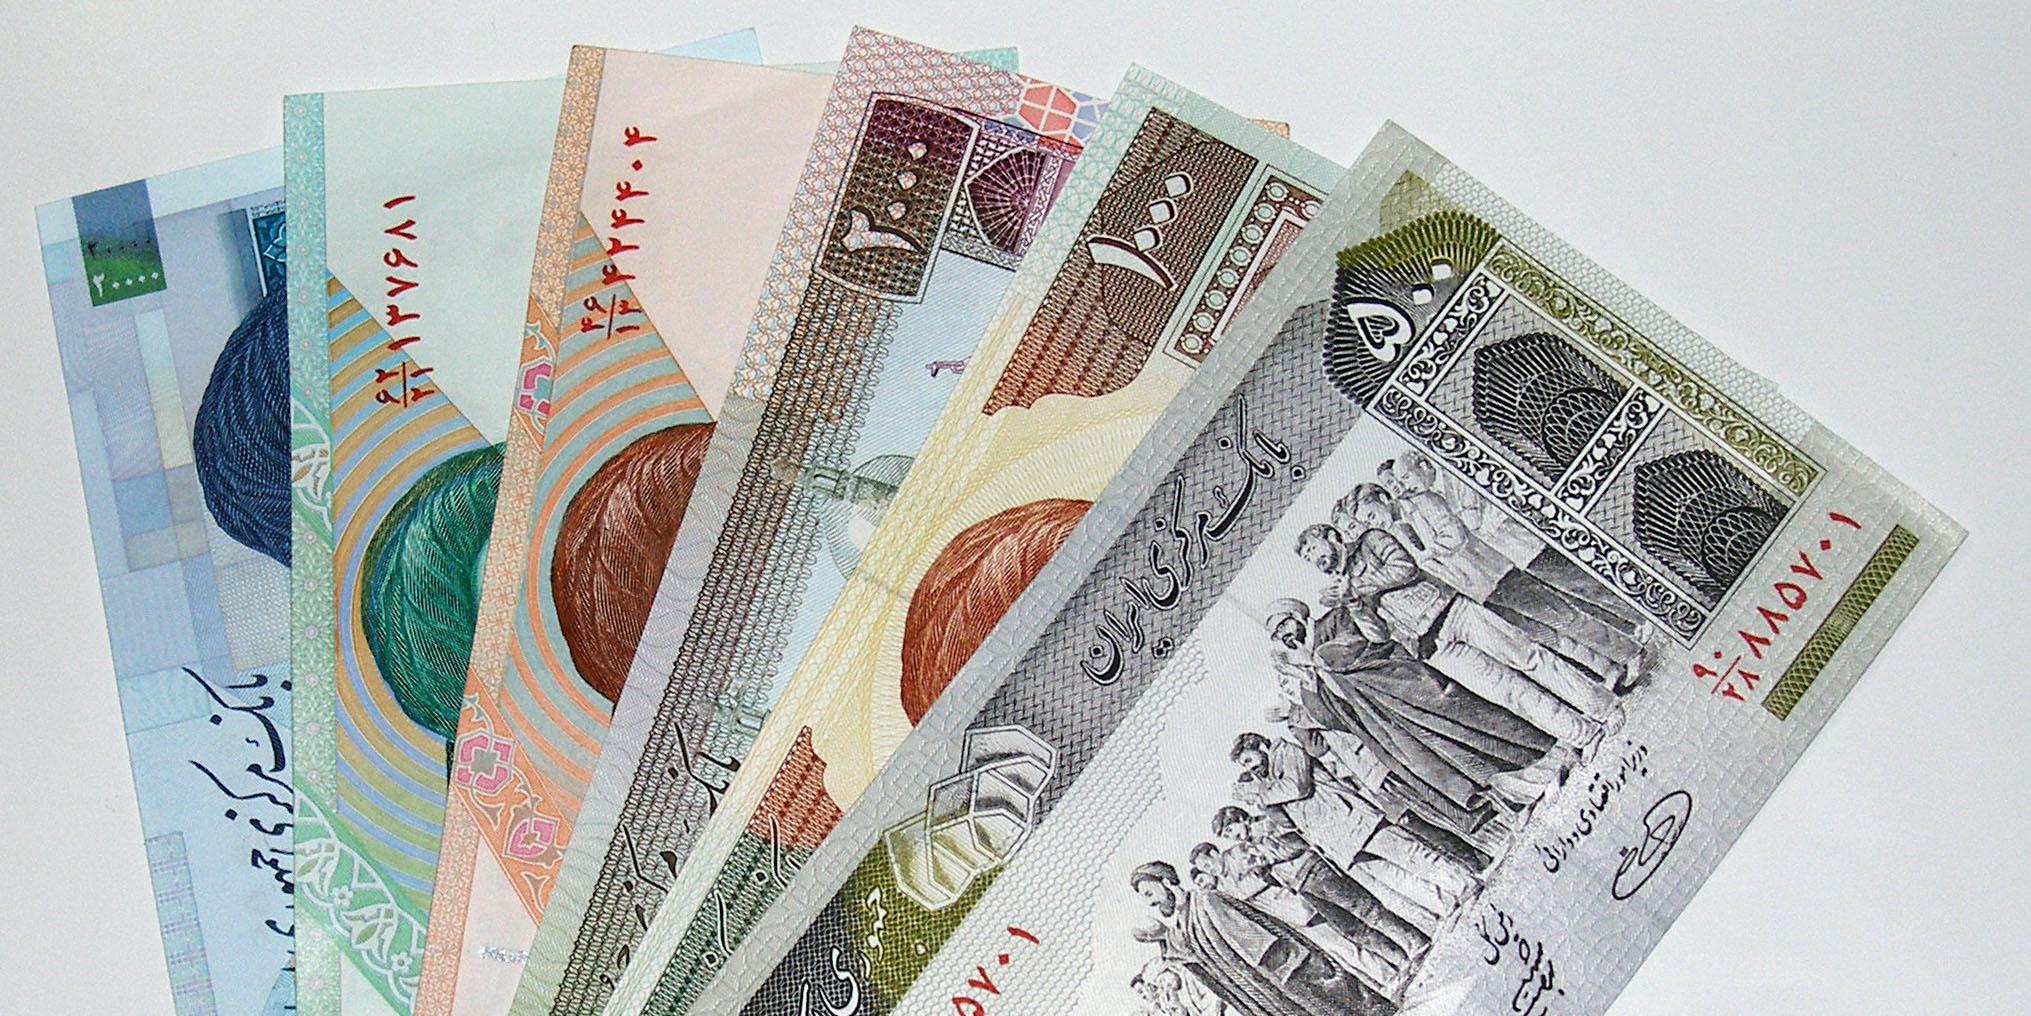 ادامه مذاکرات در میرداماد / رایزنی برای کاهش نرخ سود بانکی